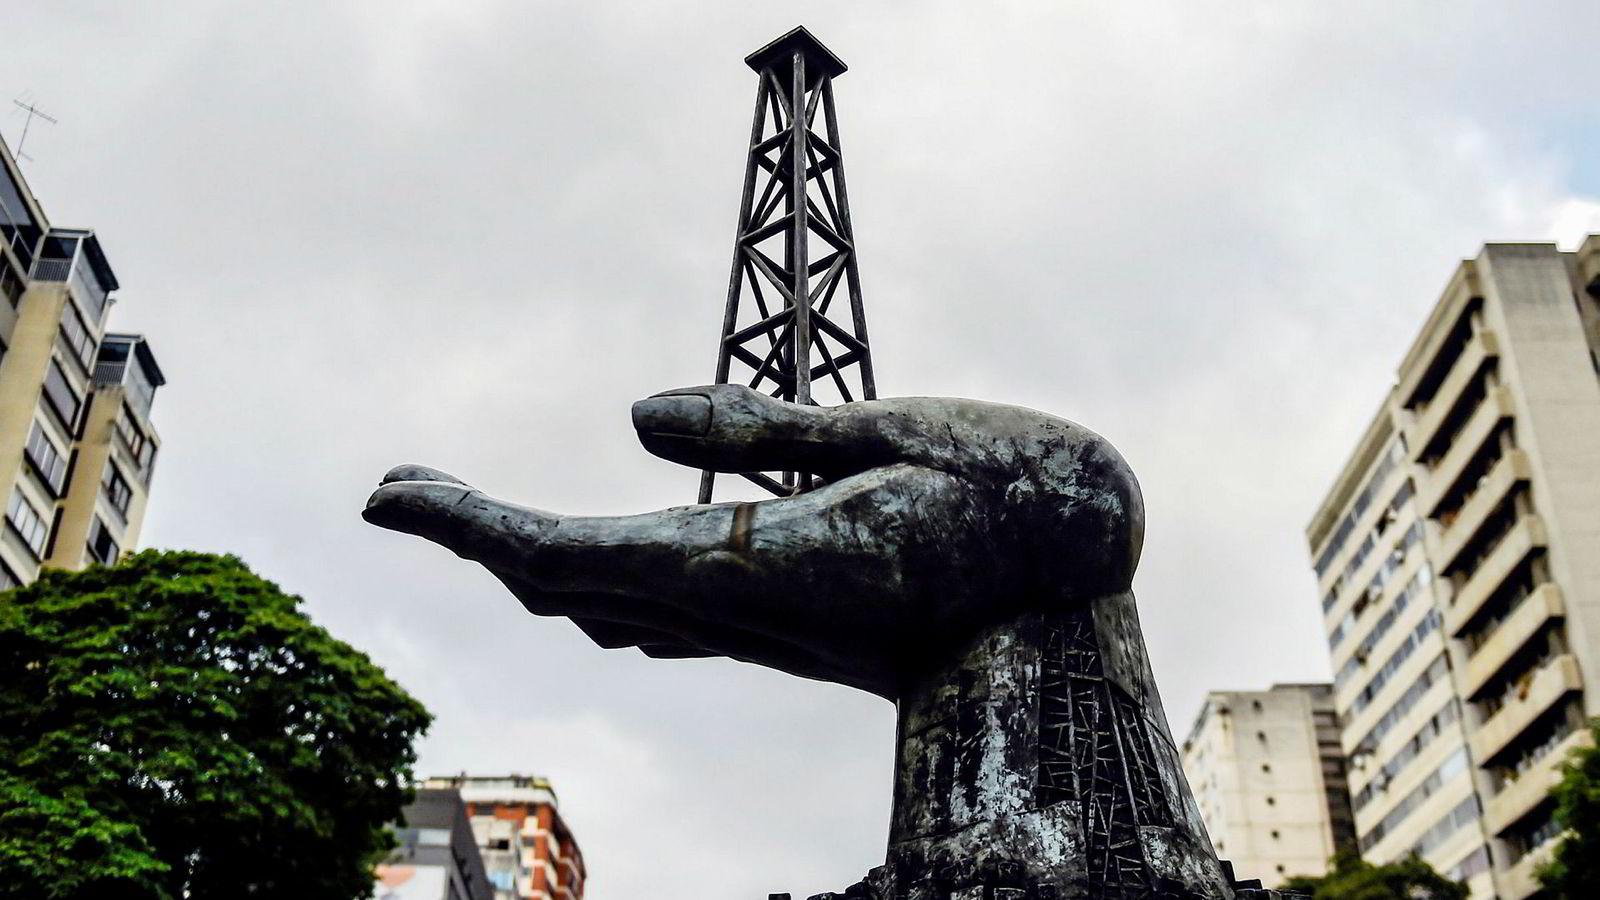 Venezuelas statlige oljeselskap, PDVSA, krever bekreftelse på at partnere som Equinor ikke trekker seg etter innføring av en rekke sanksjoner. Det har Equinor ingen problemer med. Her fra monumentet foran PDVSAs hovedkontor i Caracas, der Equinor har 25 ansatte.